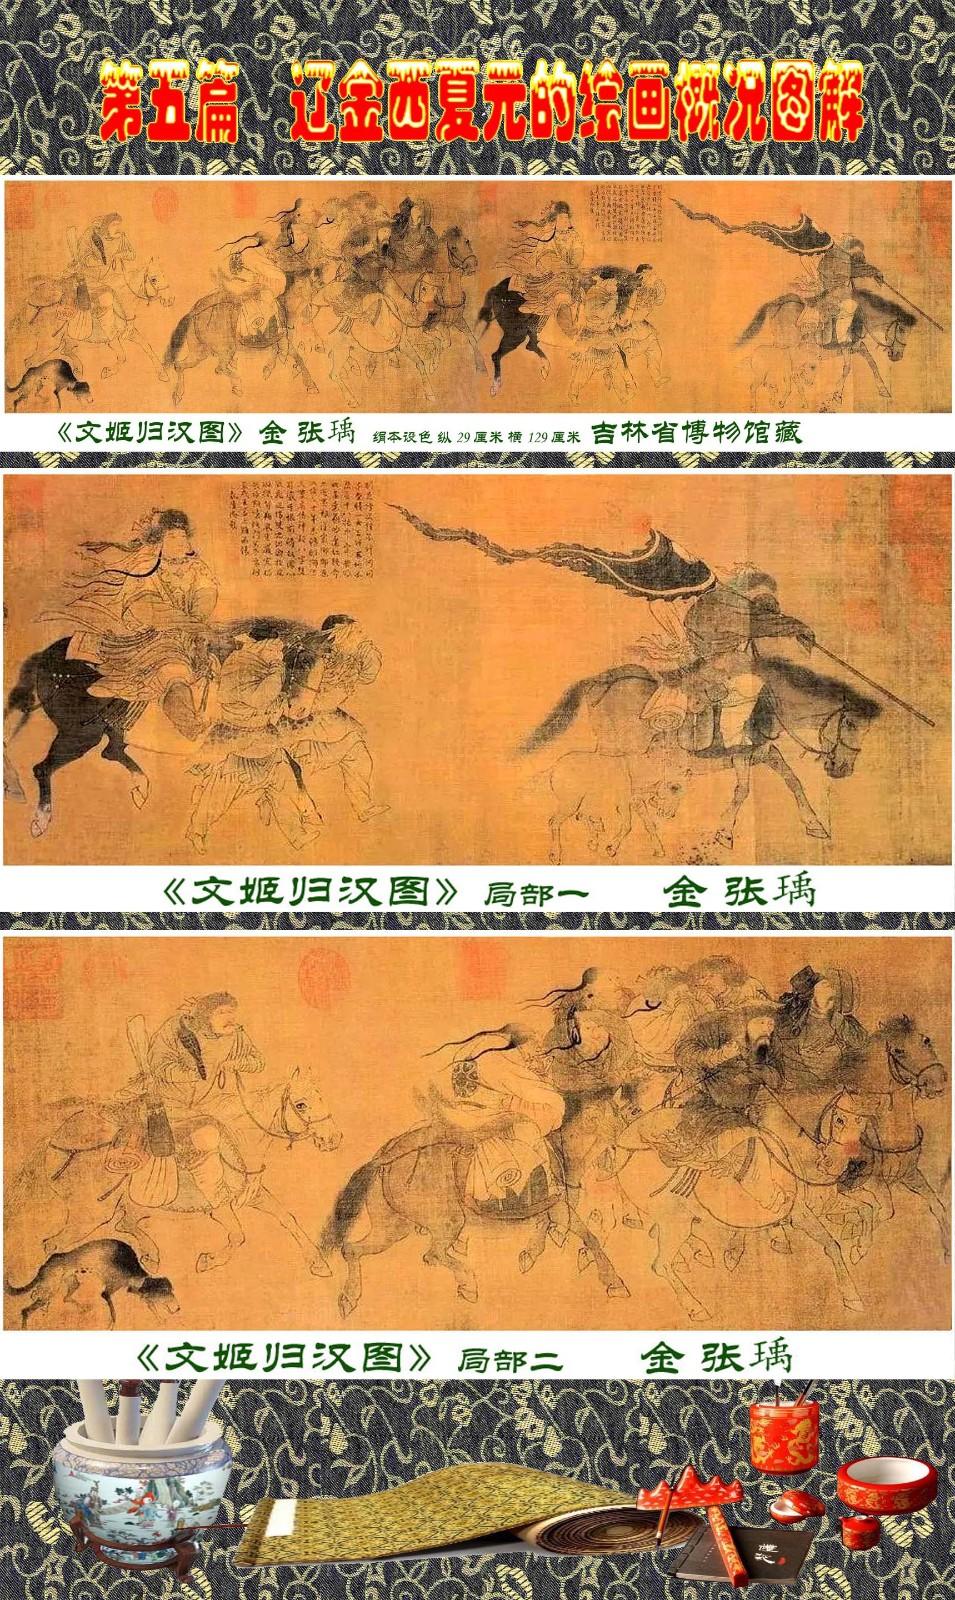 顾绍骅编辑 中国画知识普及版 第五篇 辽金西夏元的绘画概况 下 ... ..._图1-46